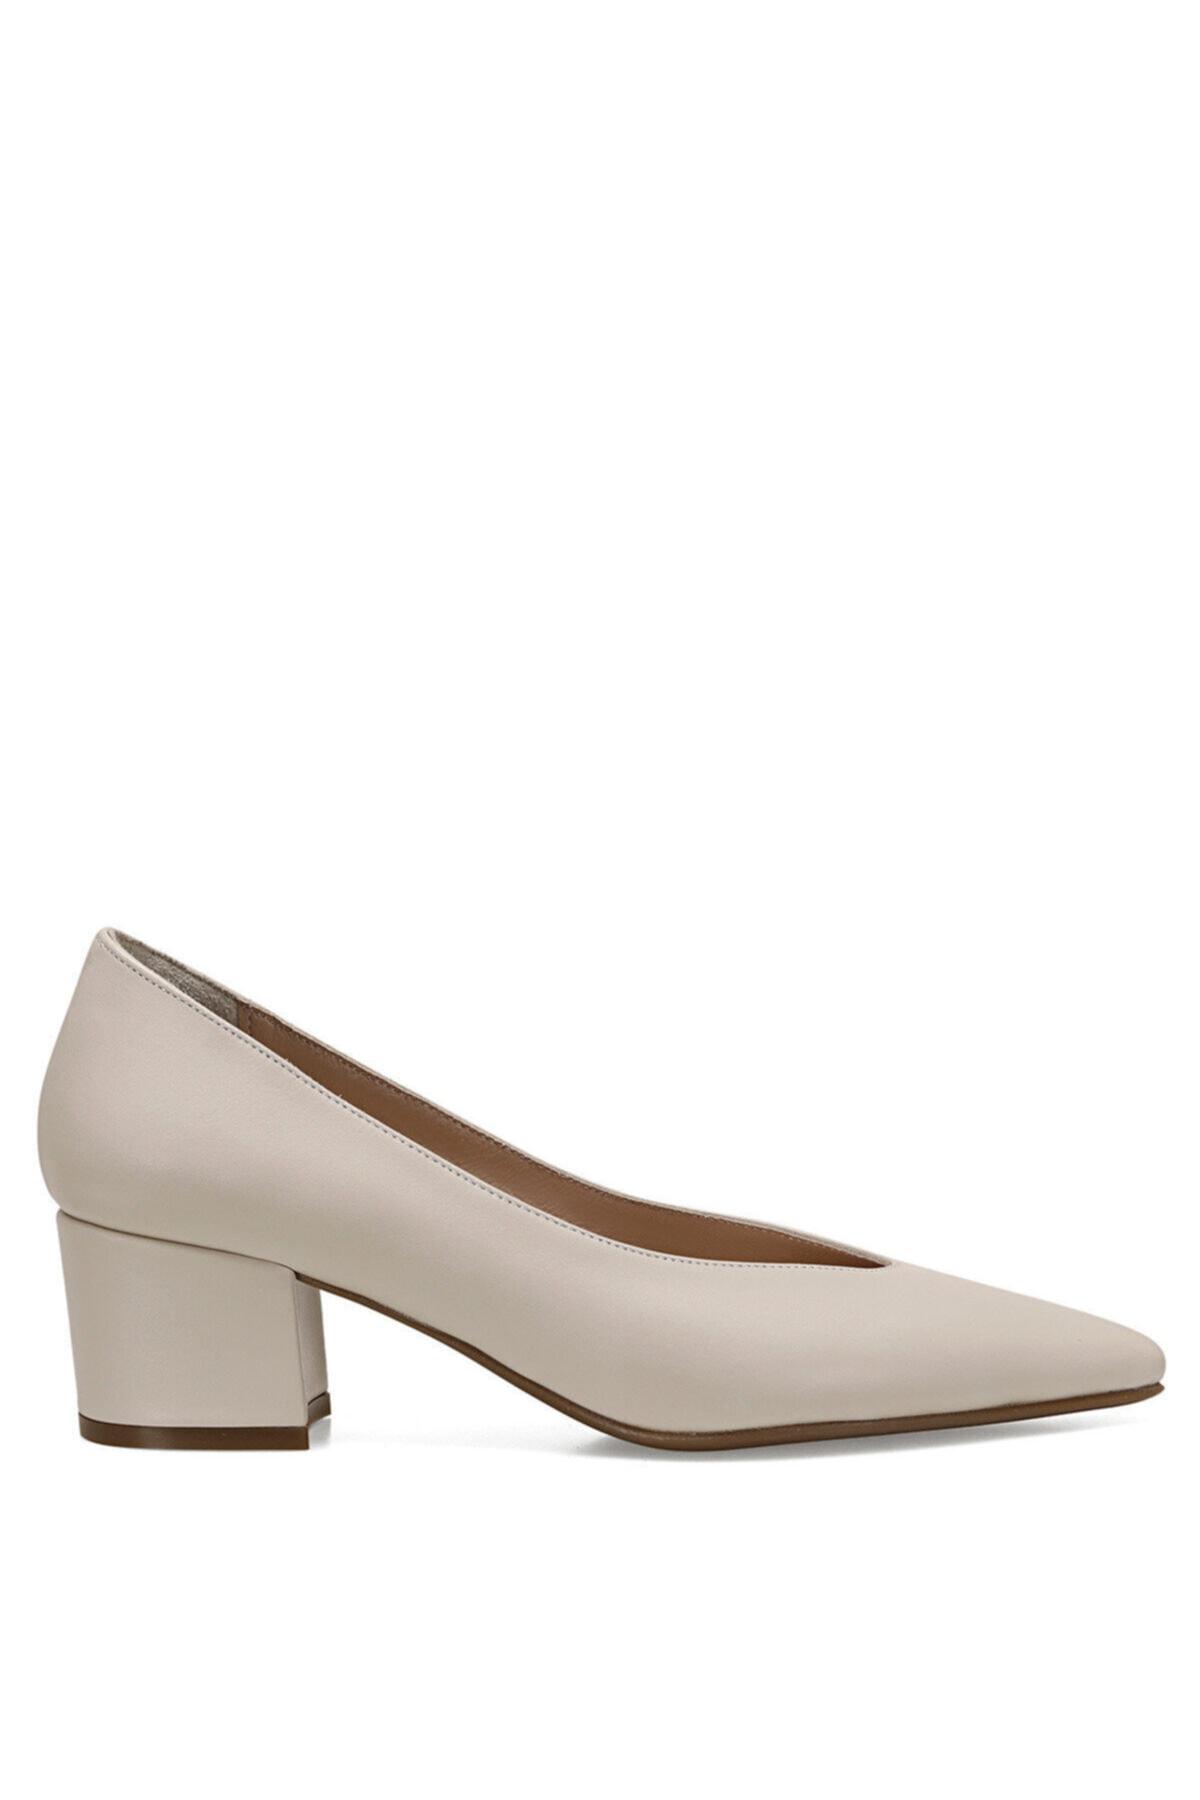 Nine West MARNA Beyaz Kadın Hakiki Deri Topuklu Ayakkabı 100582017 1